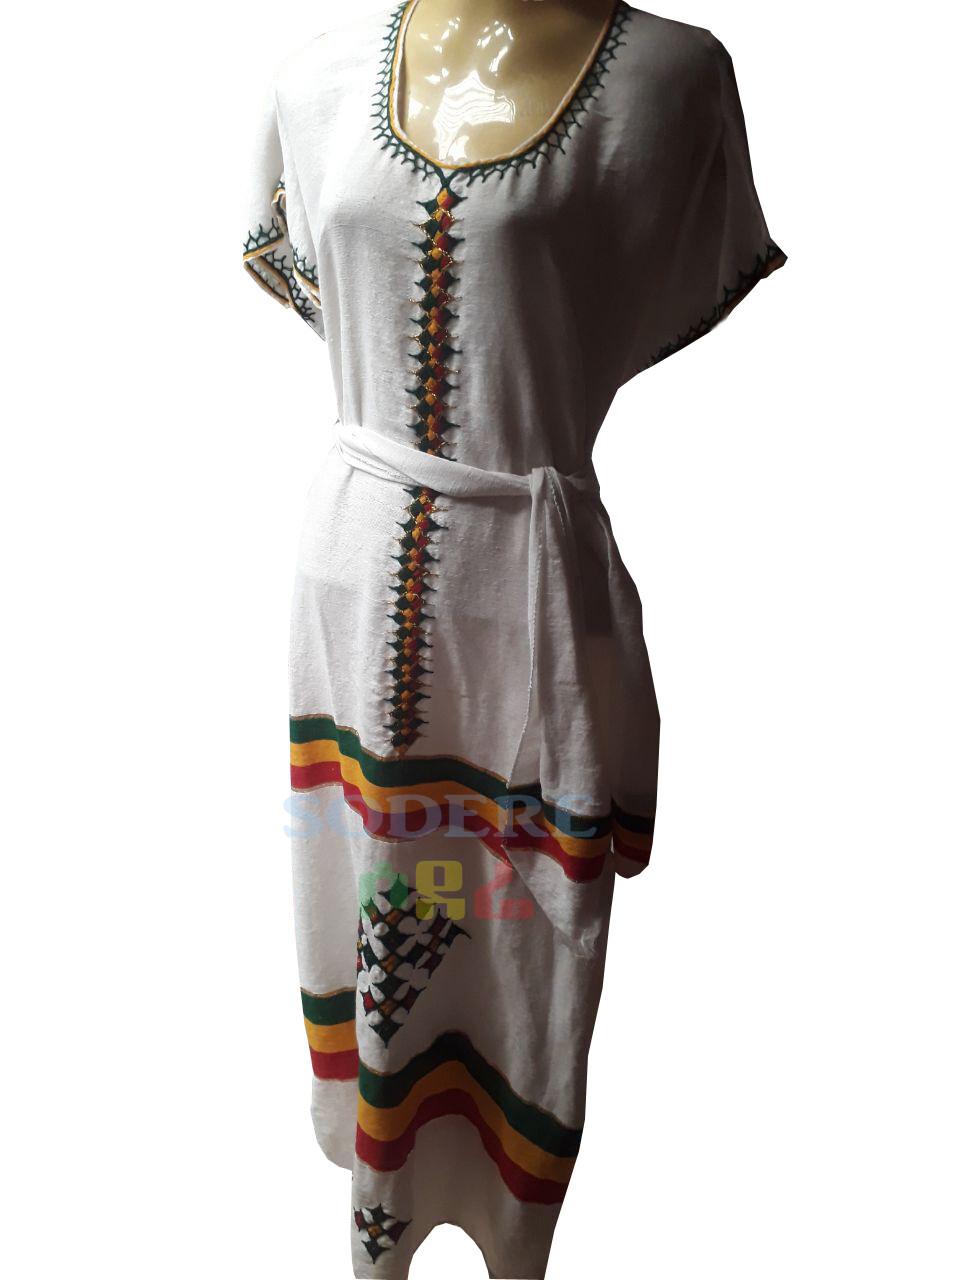 የኢትዮጲያ ባዲራ ያለው የሴቶች  ረጅም ቀሚስ Ethiopian Women Long  Dress / free size